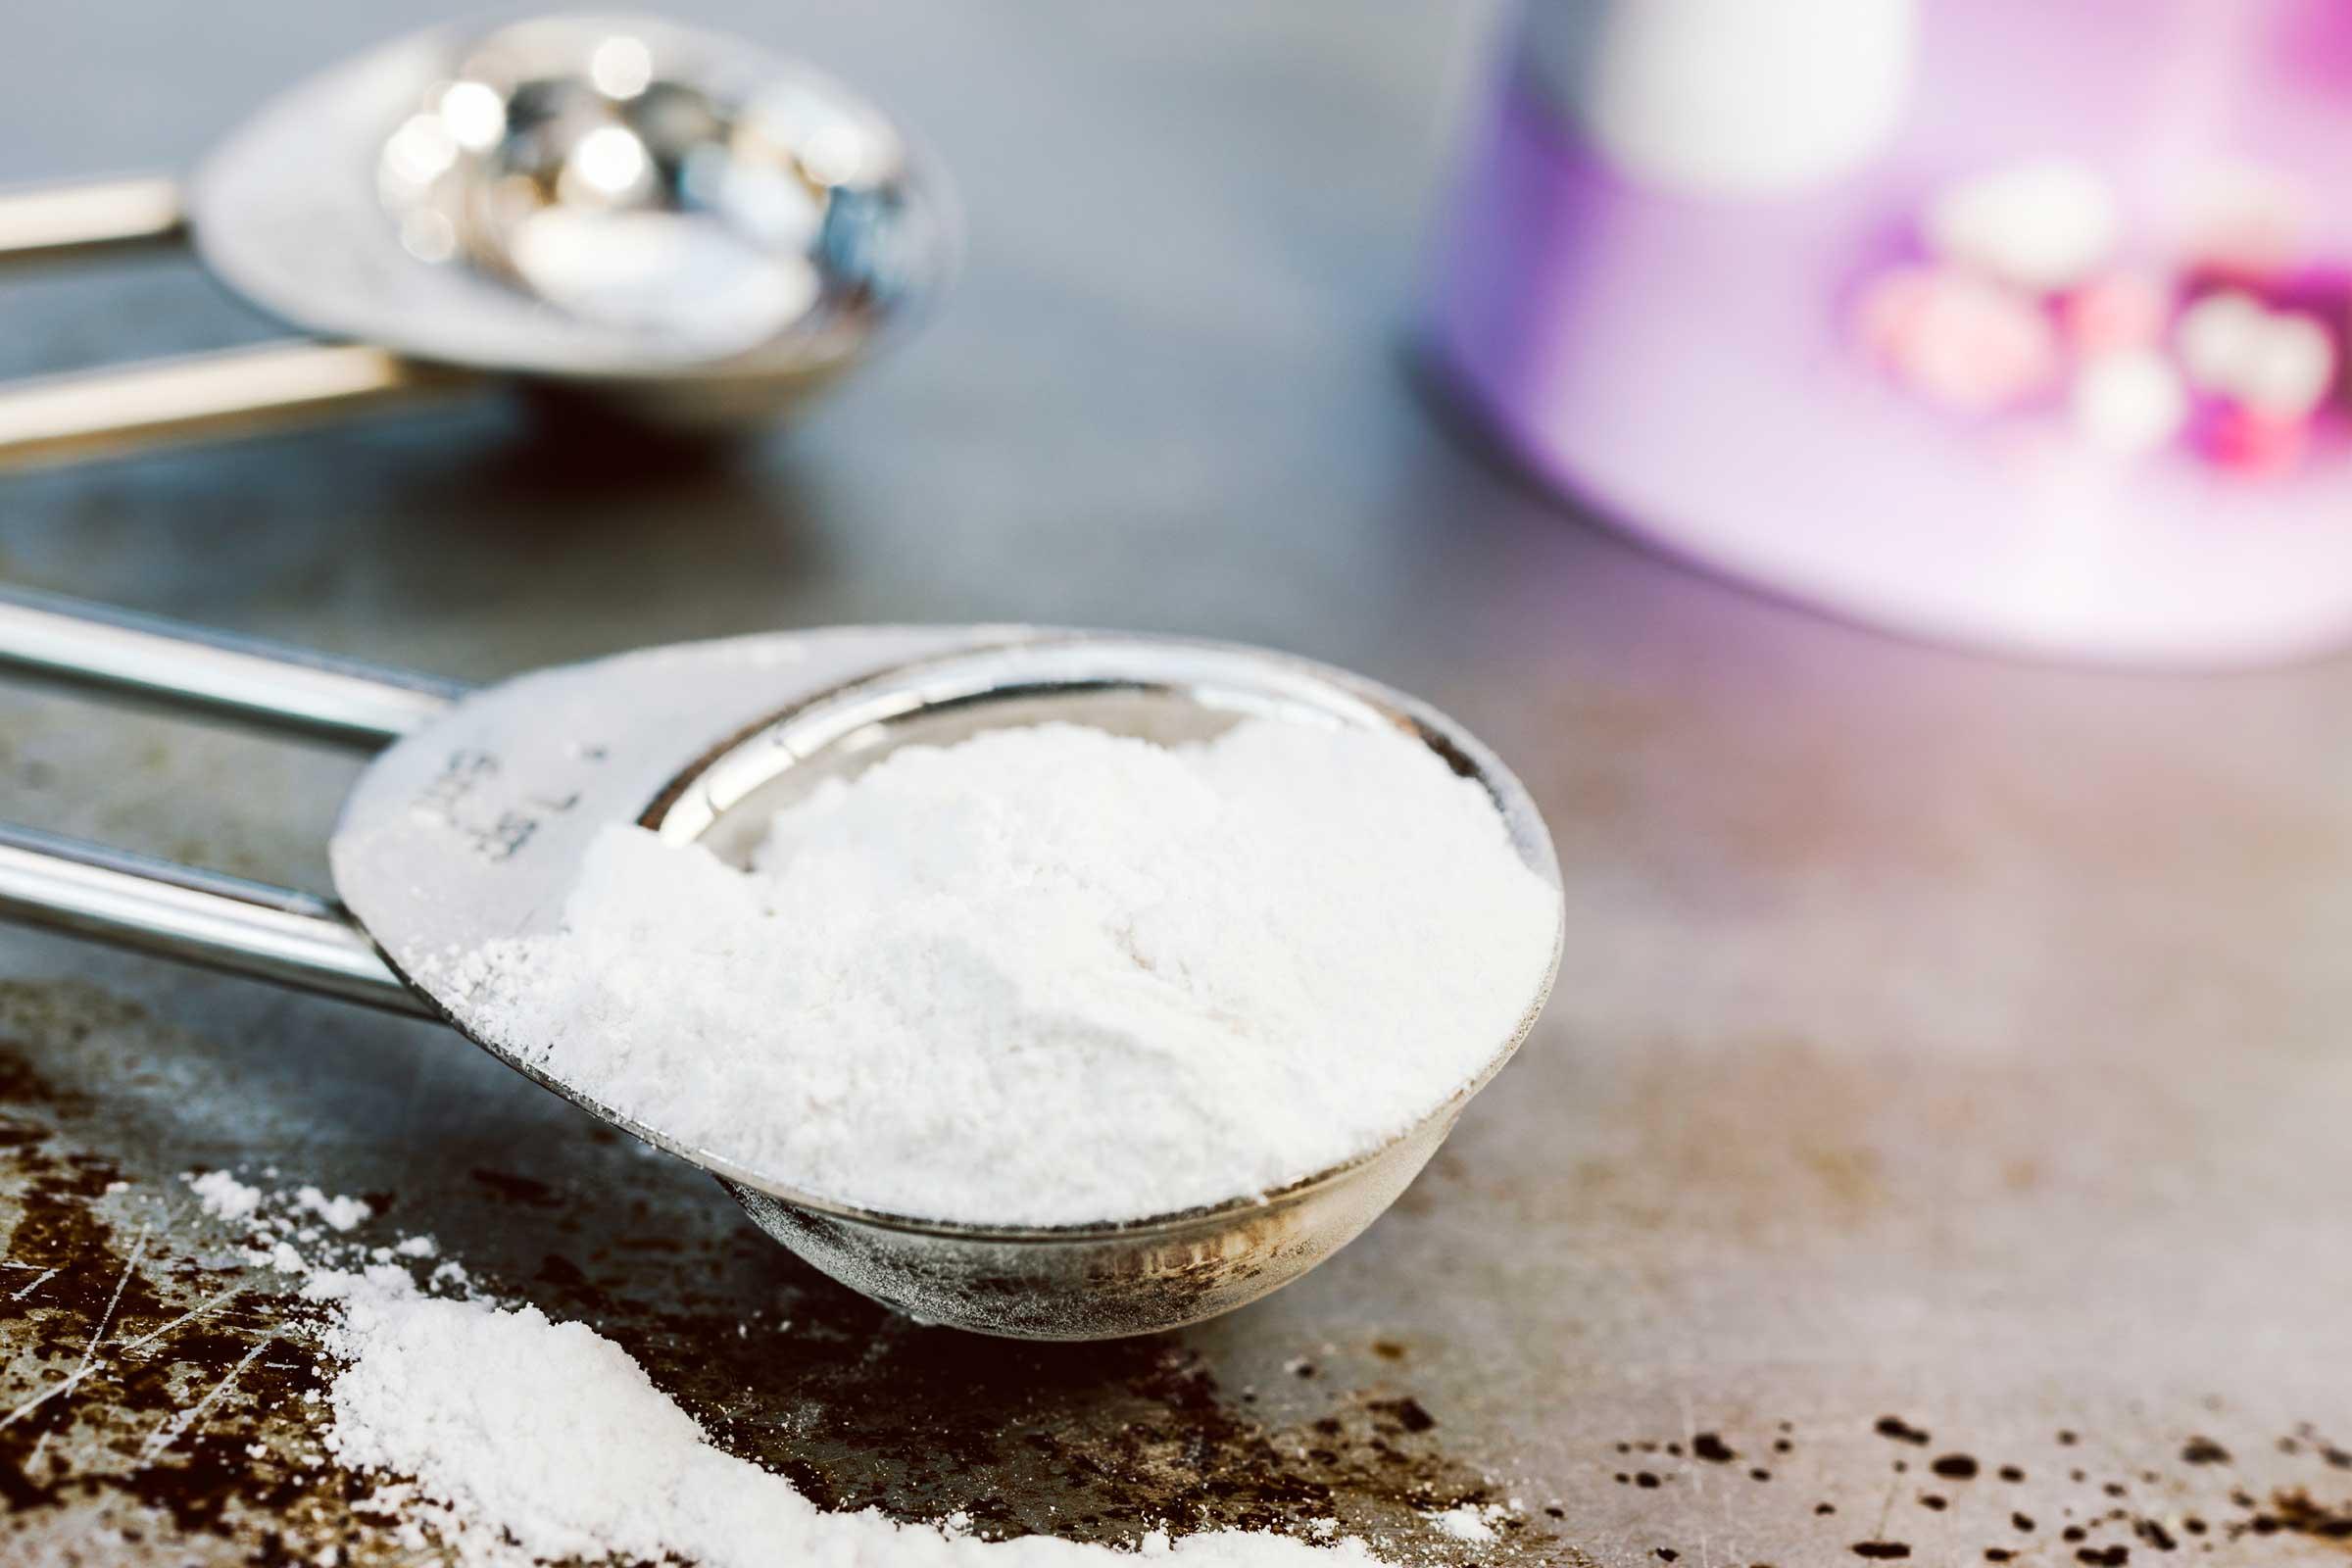 Tome una mezcla de bicarbonato de sodio